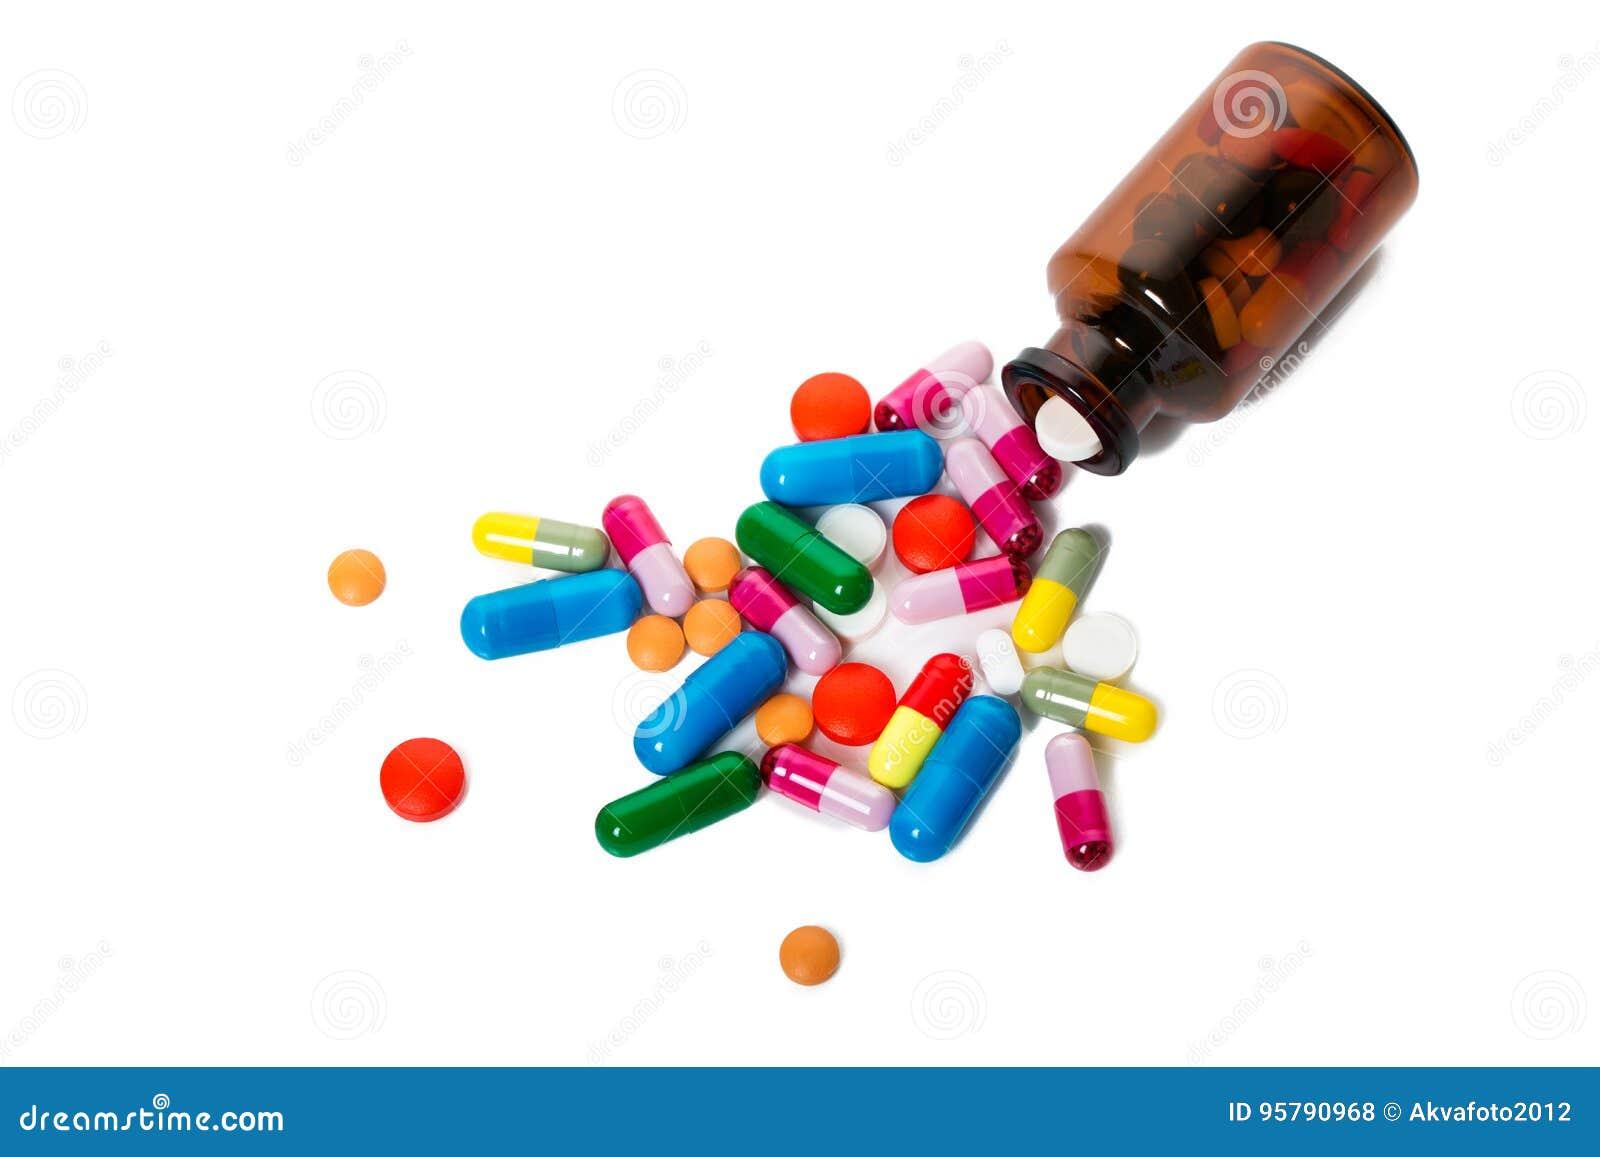 Blandade farmaceutiska medicinpreventivpillerar, minnestavlor och kapslar över svart bakgrund